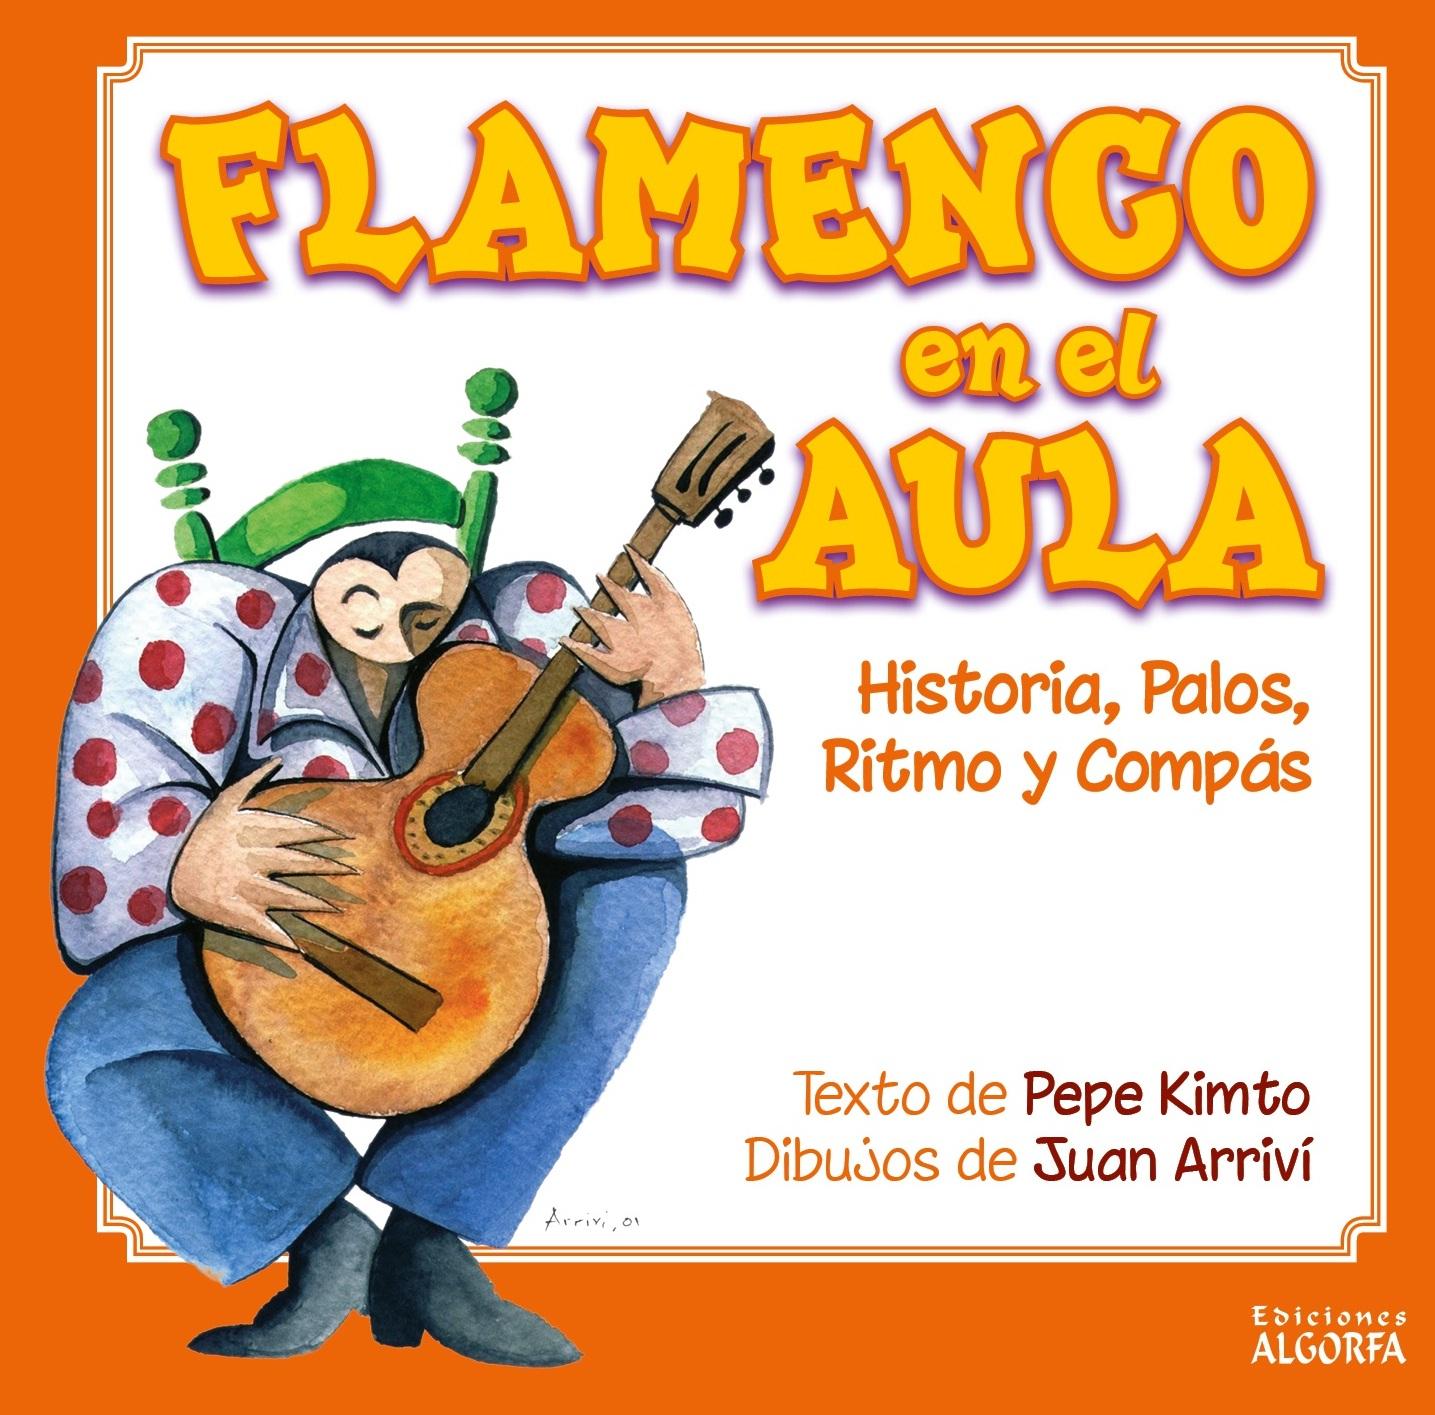 FLAMENCO EN EL AULA. Historia, Palos, Ritmo y Compás.